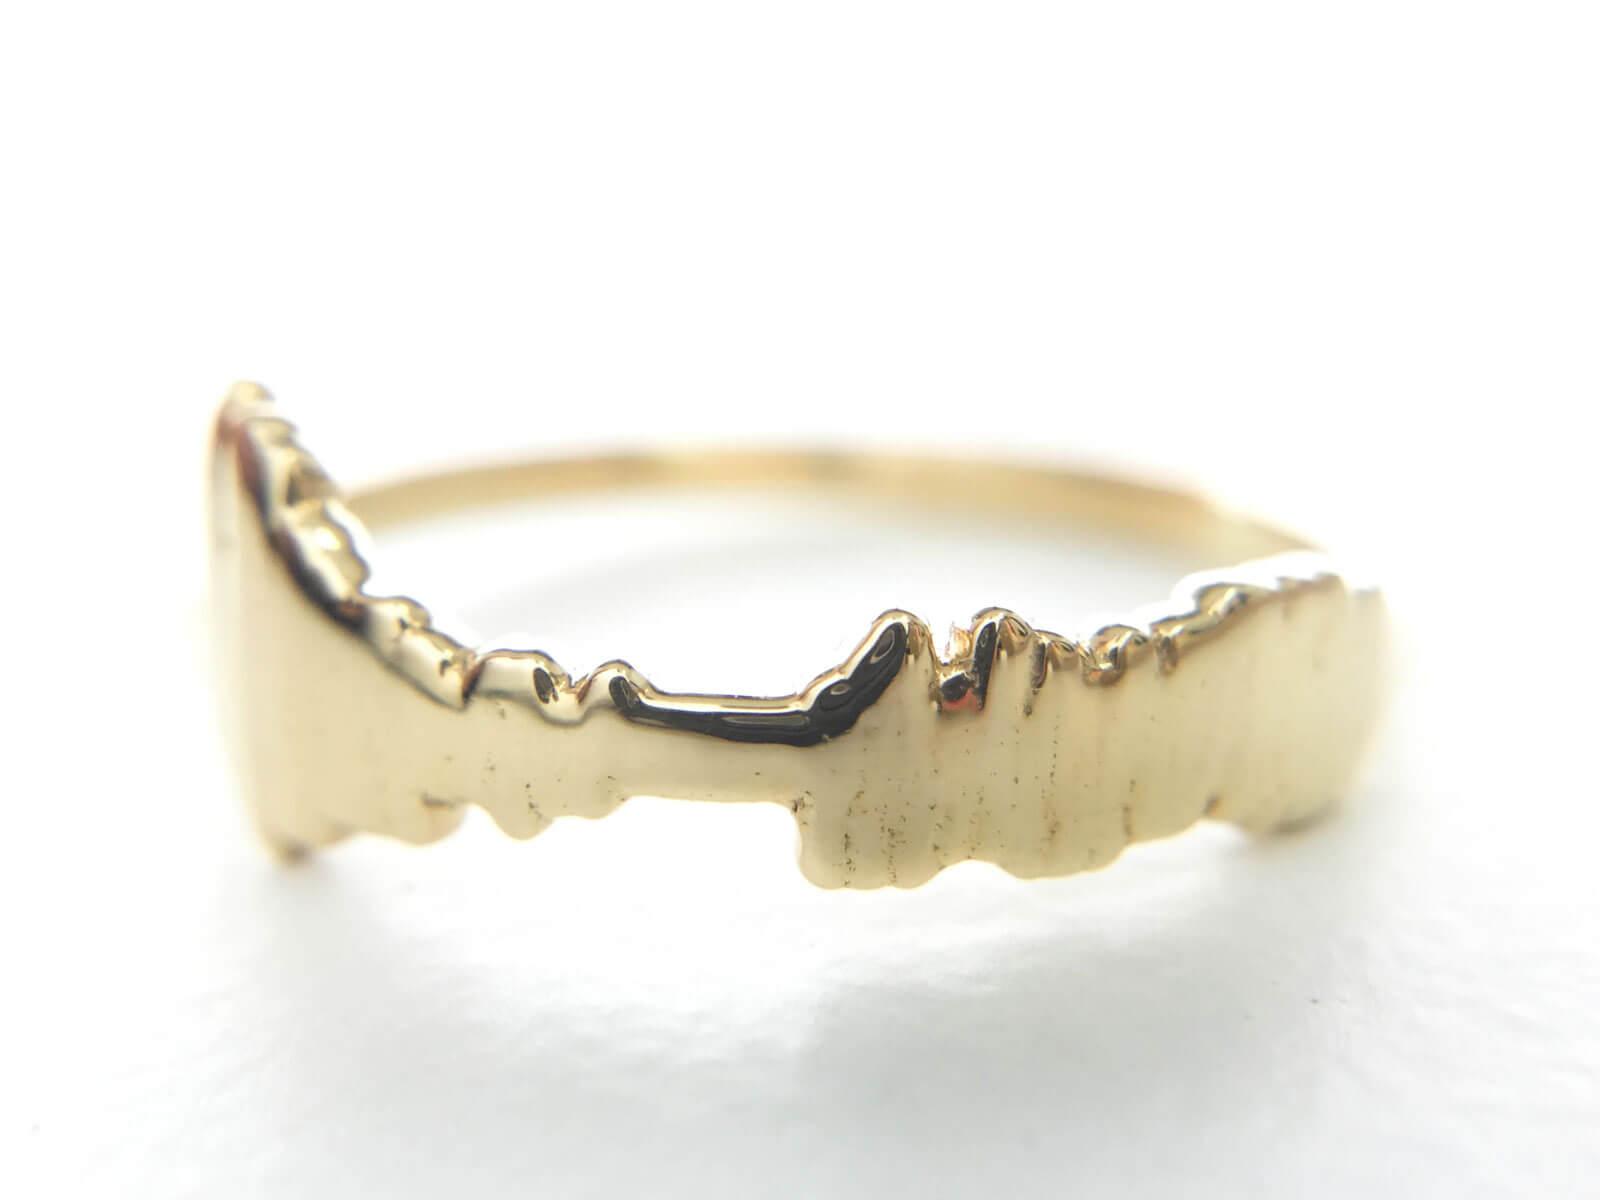 【BUMP】実際にエンコードリングのデザインを作ってみた!声が形になる指輪『Encode Ring』